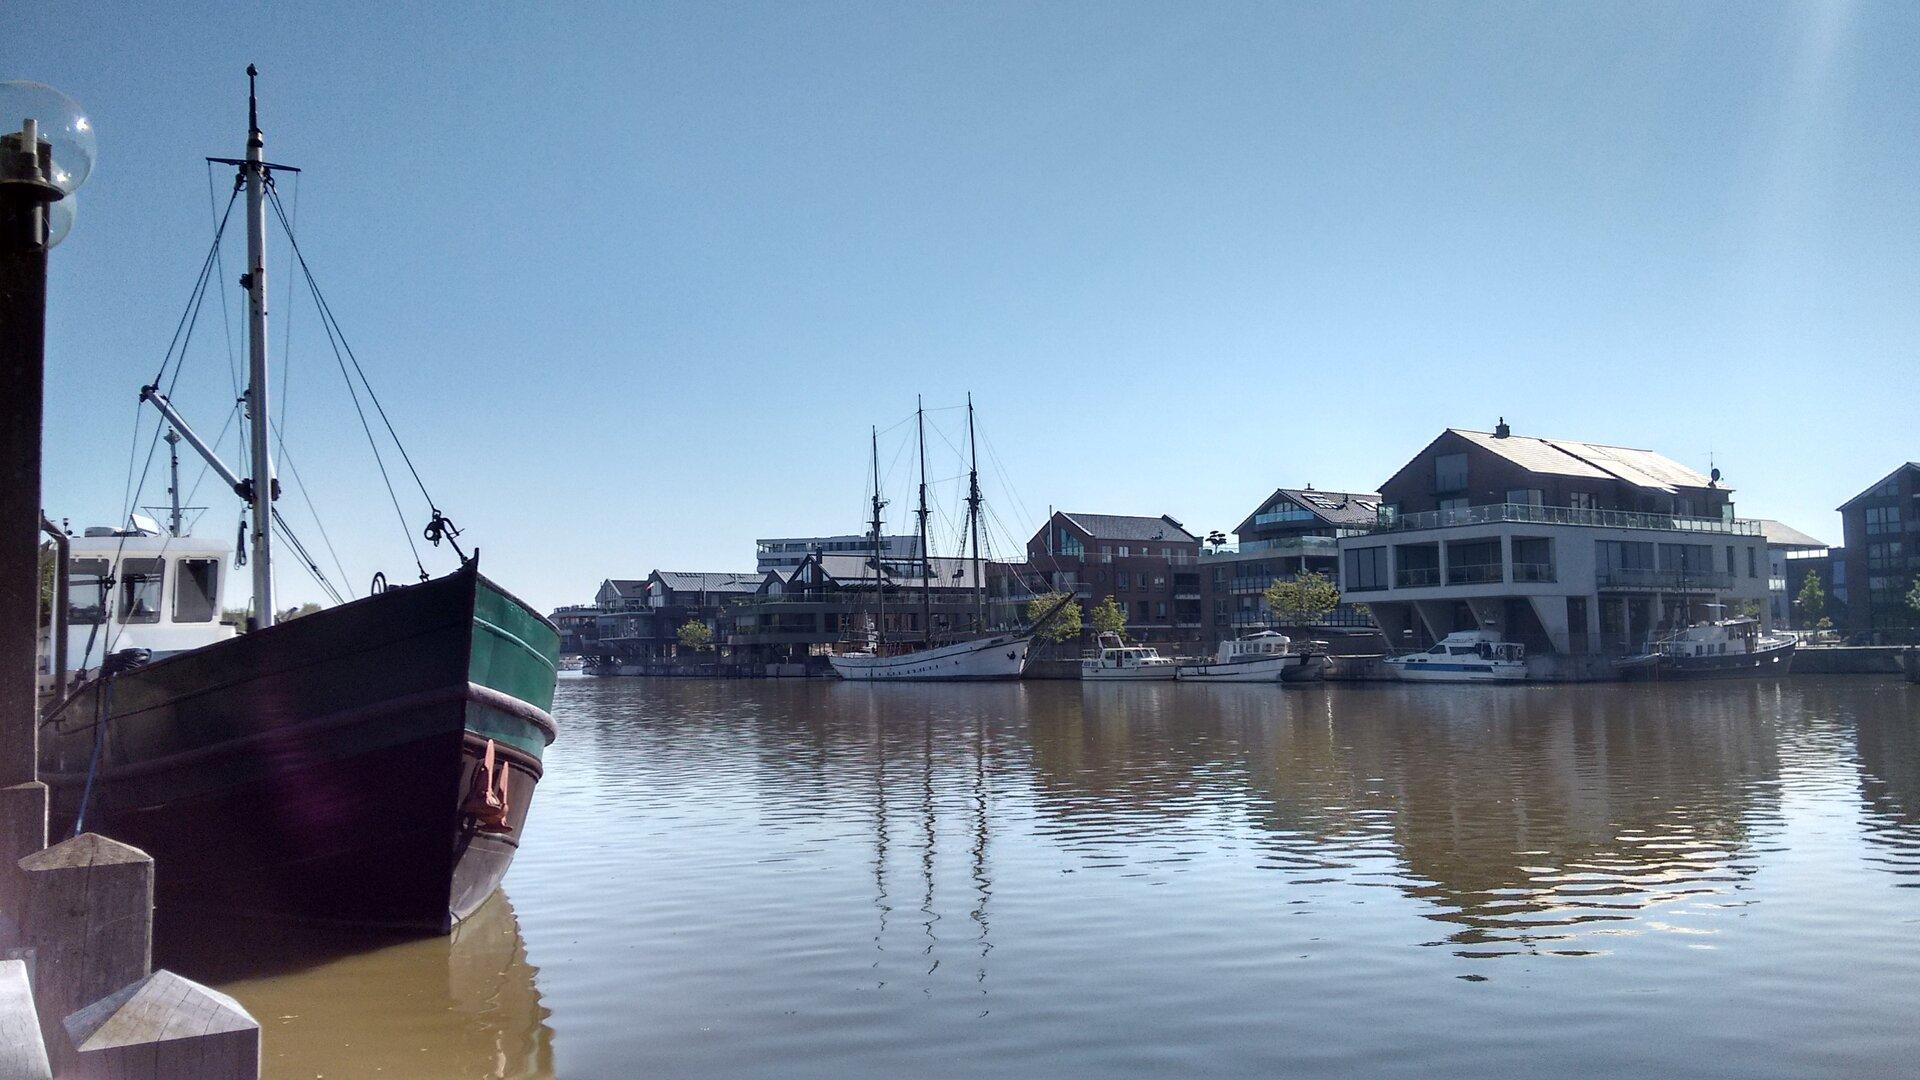 Hafen in Leer